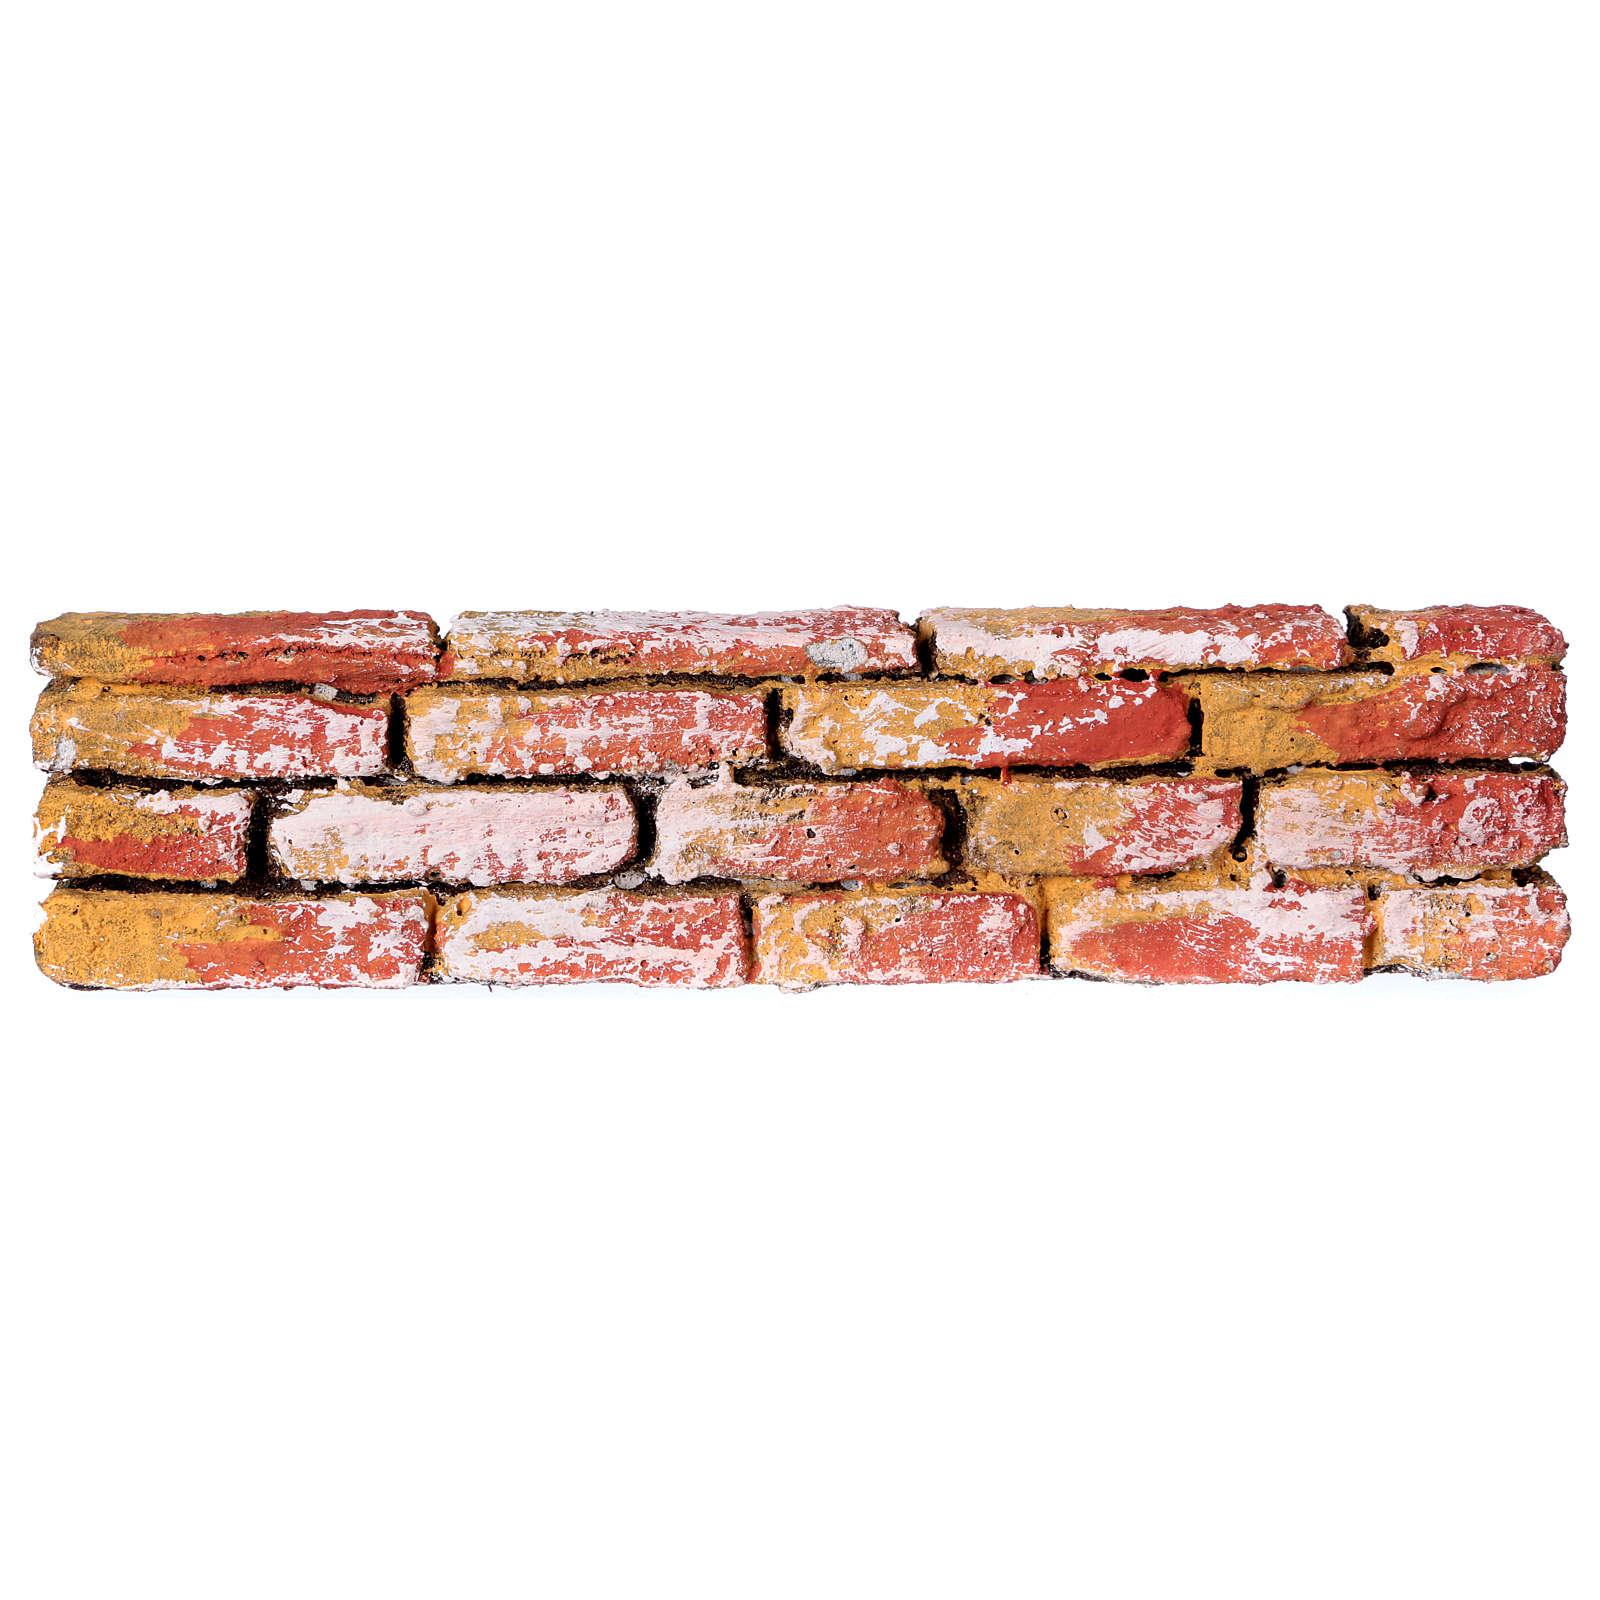 Mauerbrüstung, aus Polystyrol, farbig gefasst, 5x20x3 cm 4